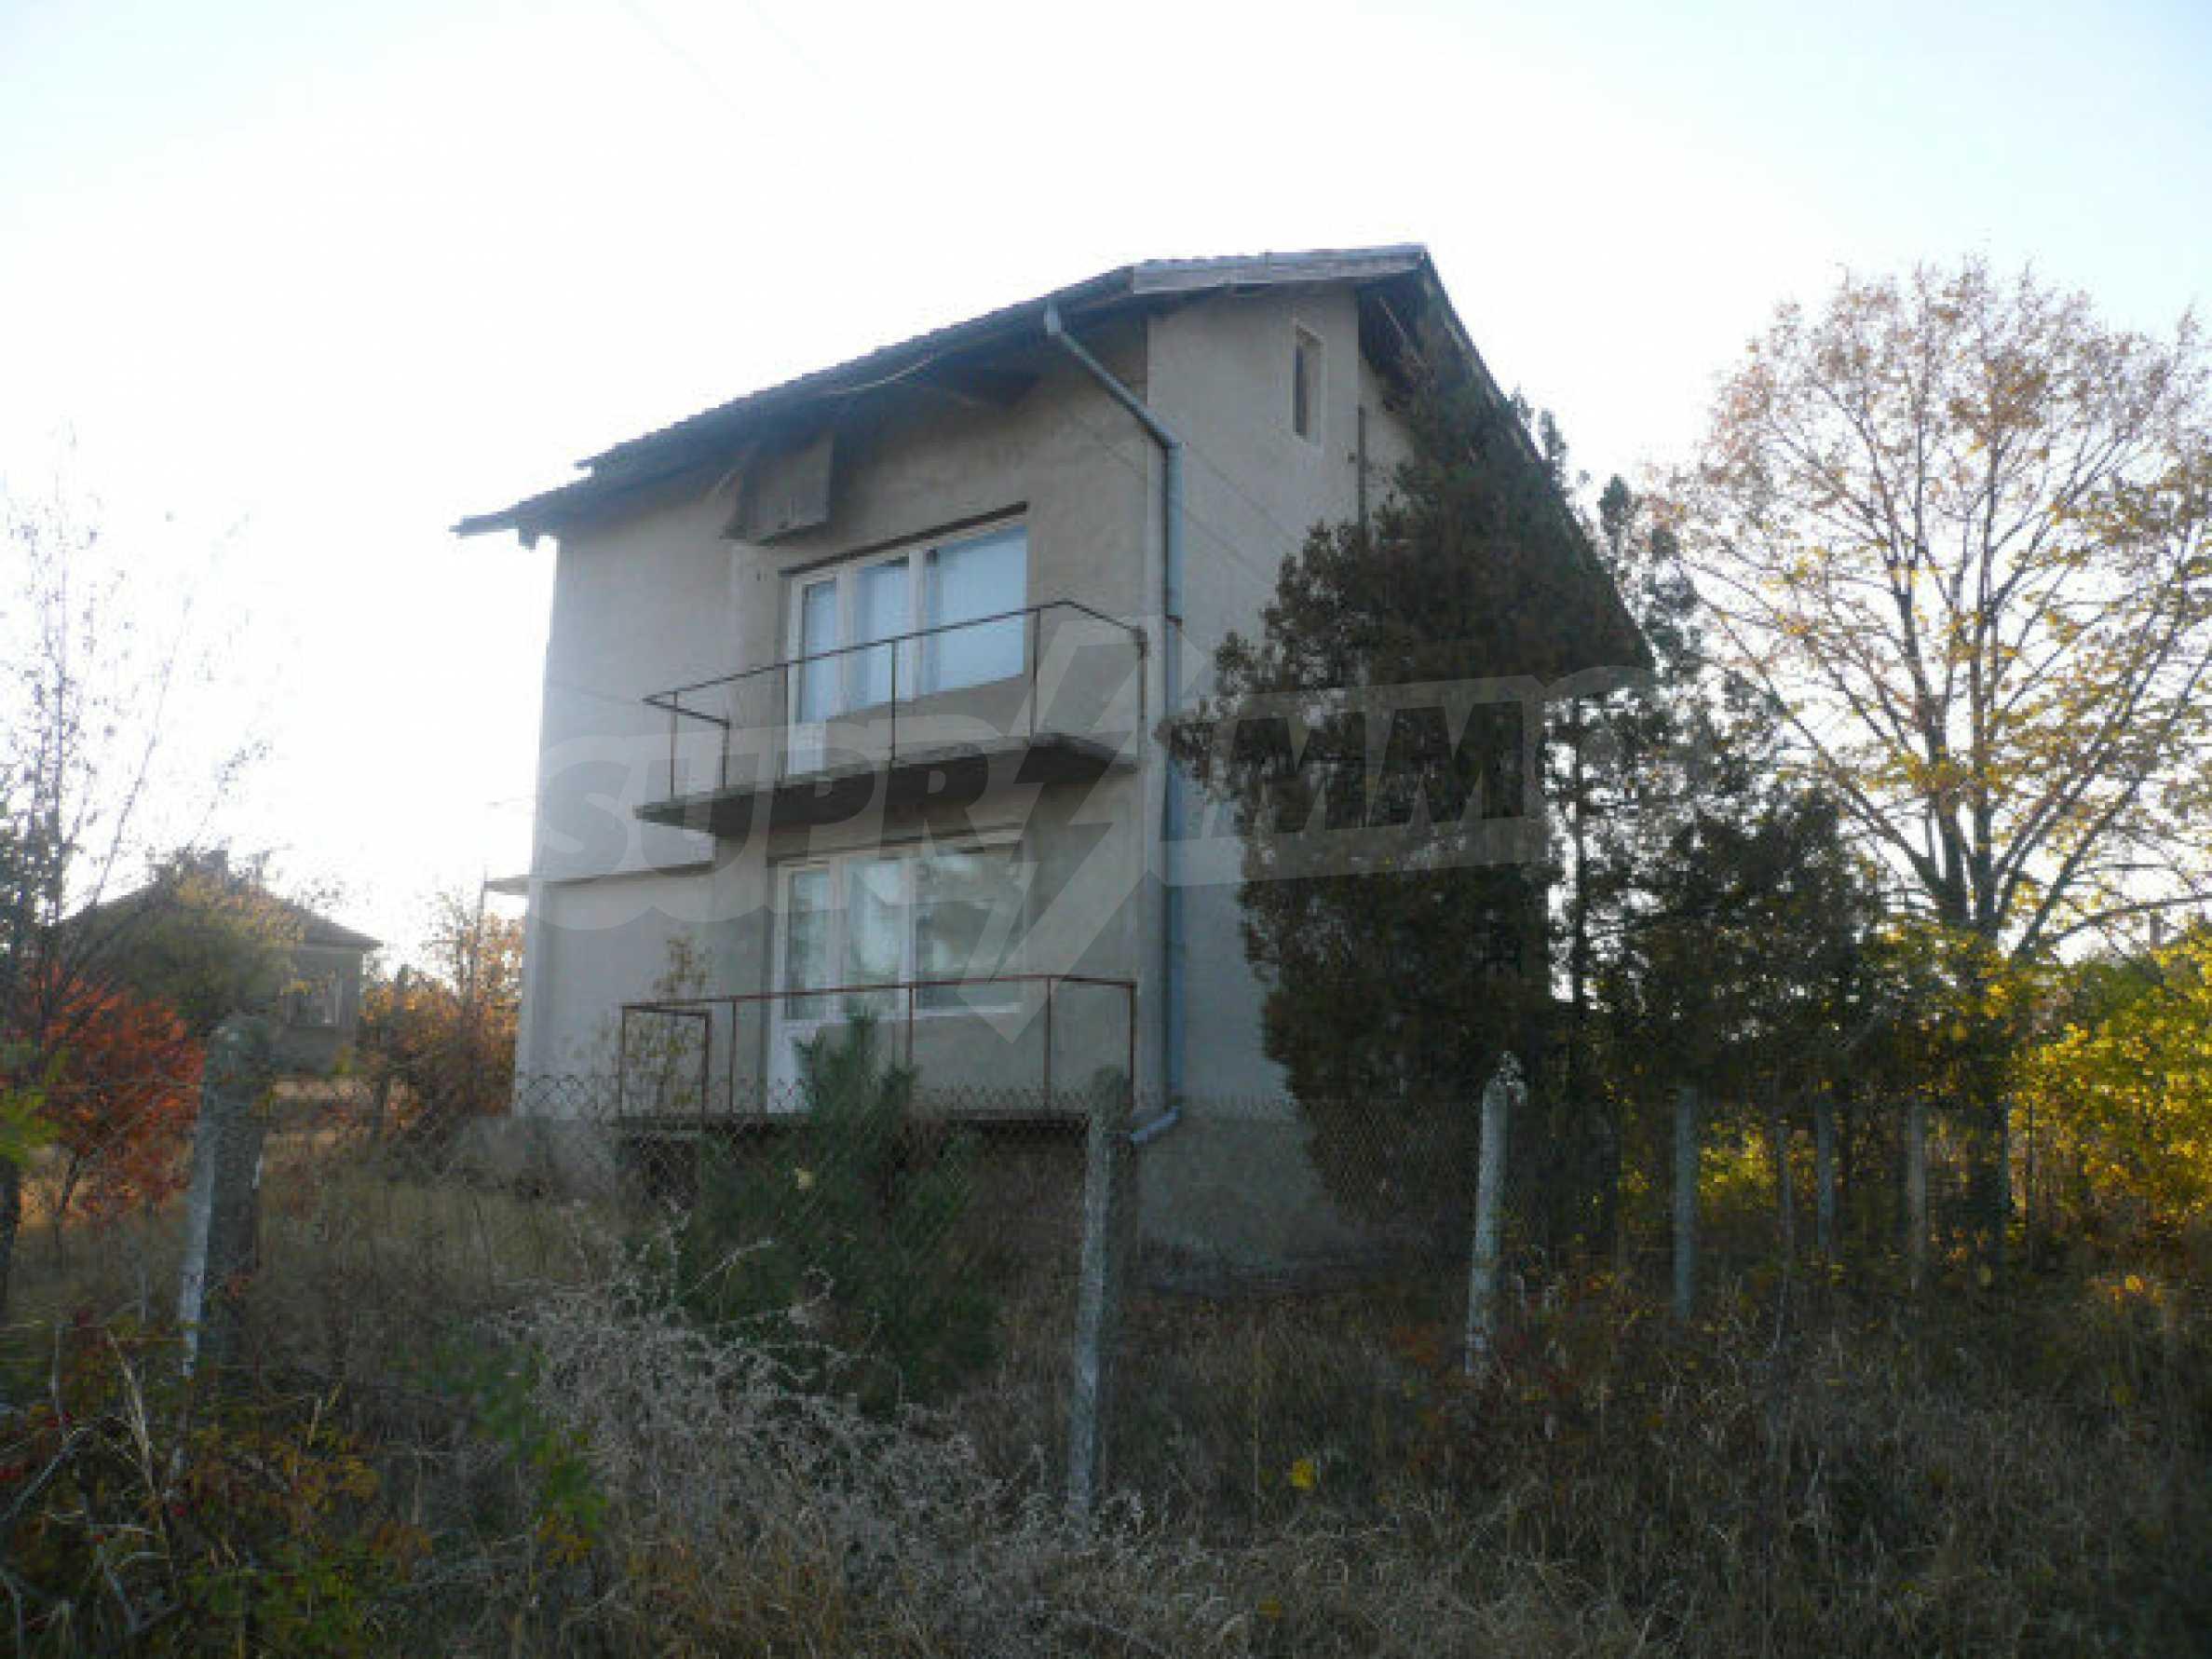 Haus zum Verkauf in der Nähe von Vidin, Bulgarien 1